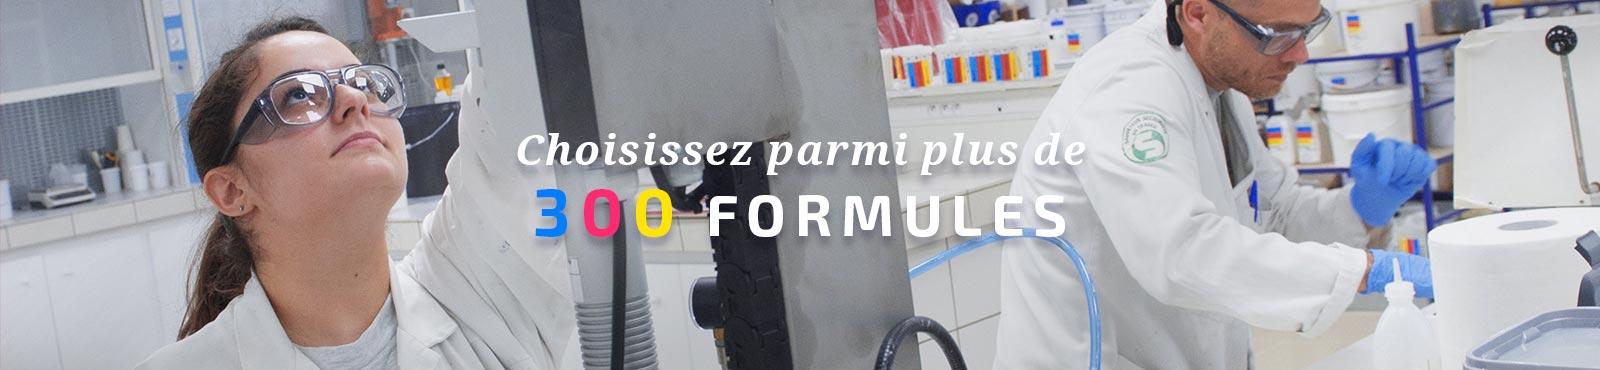 Choisissez parmi plus de 300 formules